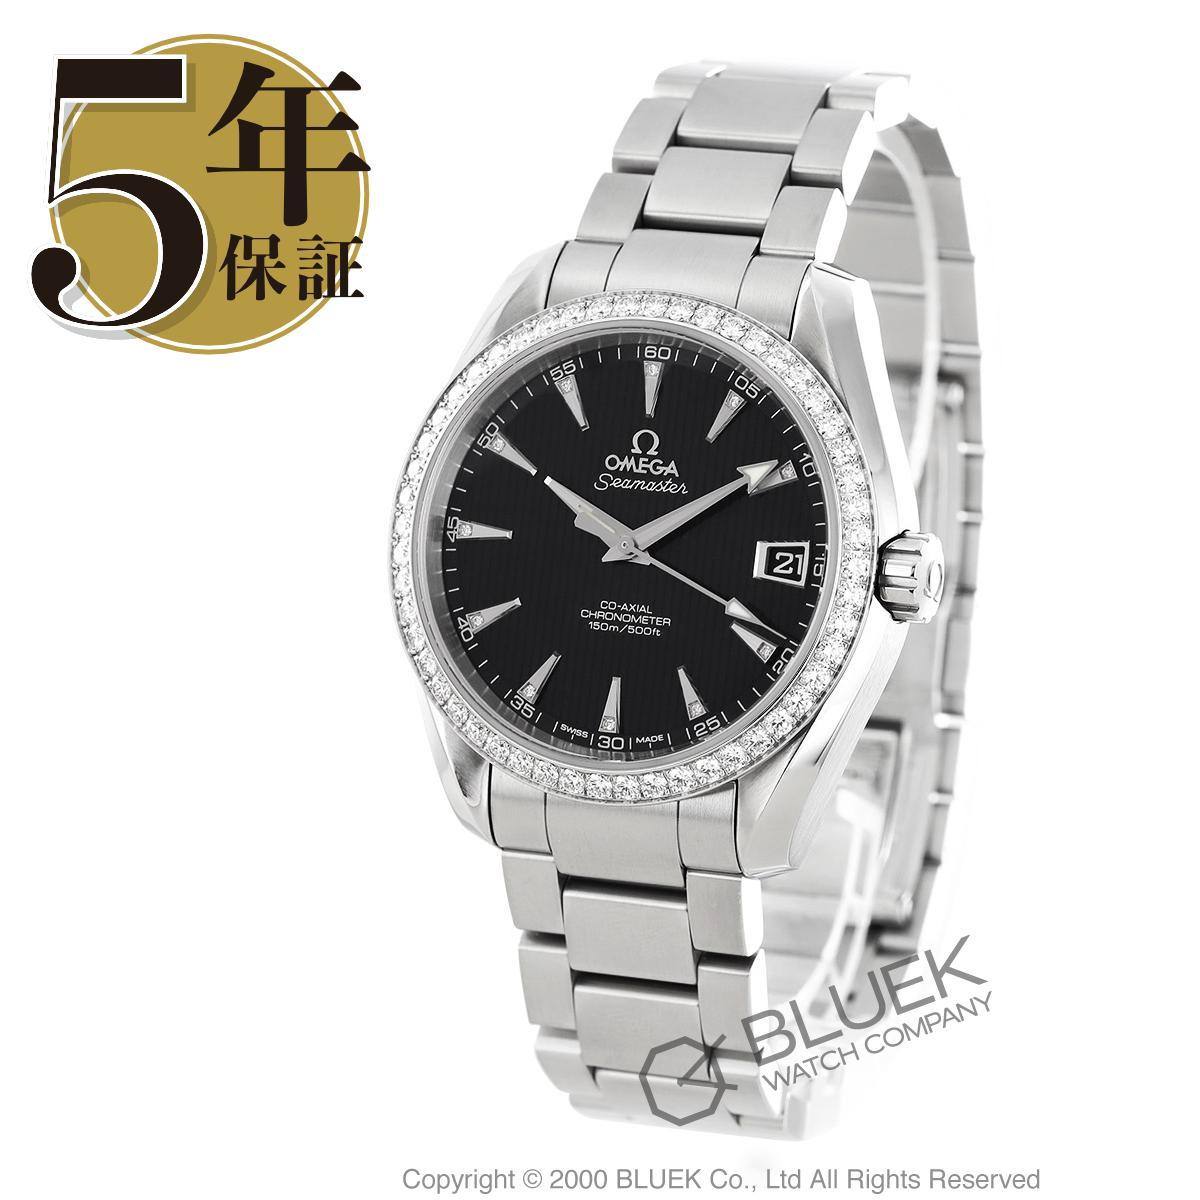 オメガ シーマスター アクアテラ ダイヤ 腕時計 メンズ OMEGA 231.15.39.21.51.001_5